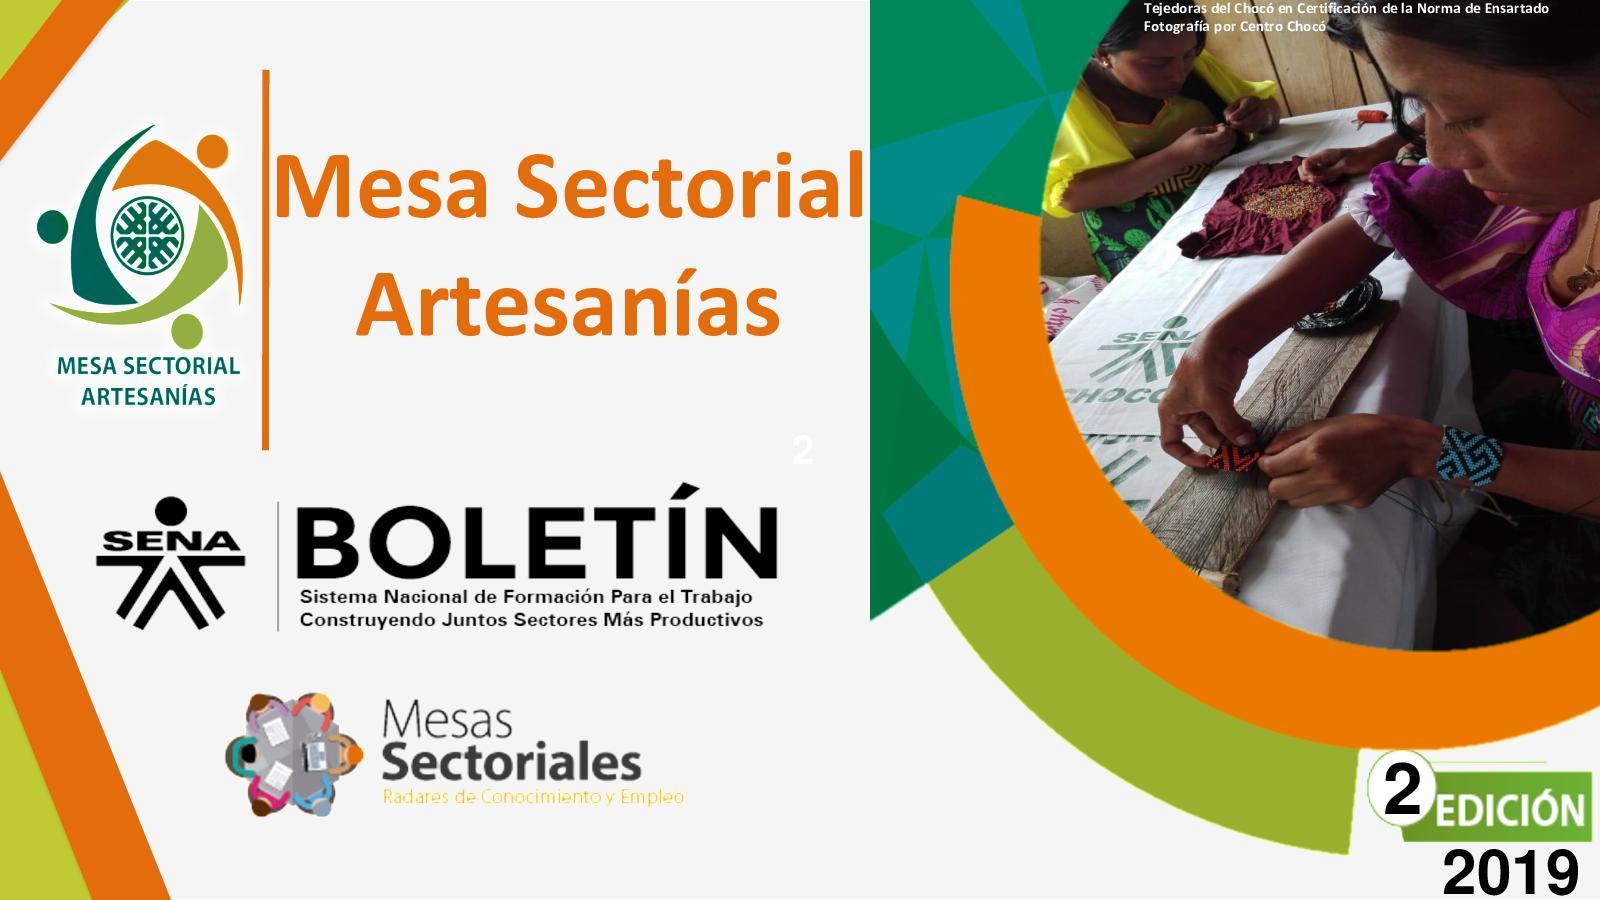 Boletín 2 Mesa Sectorial de Artesanías SENA 2019